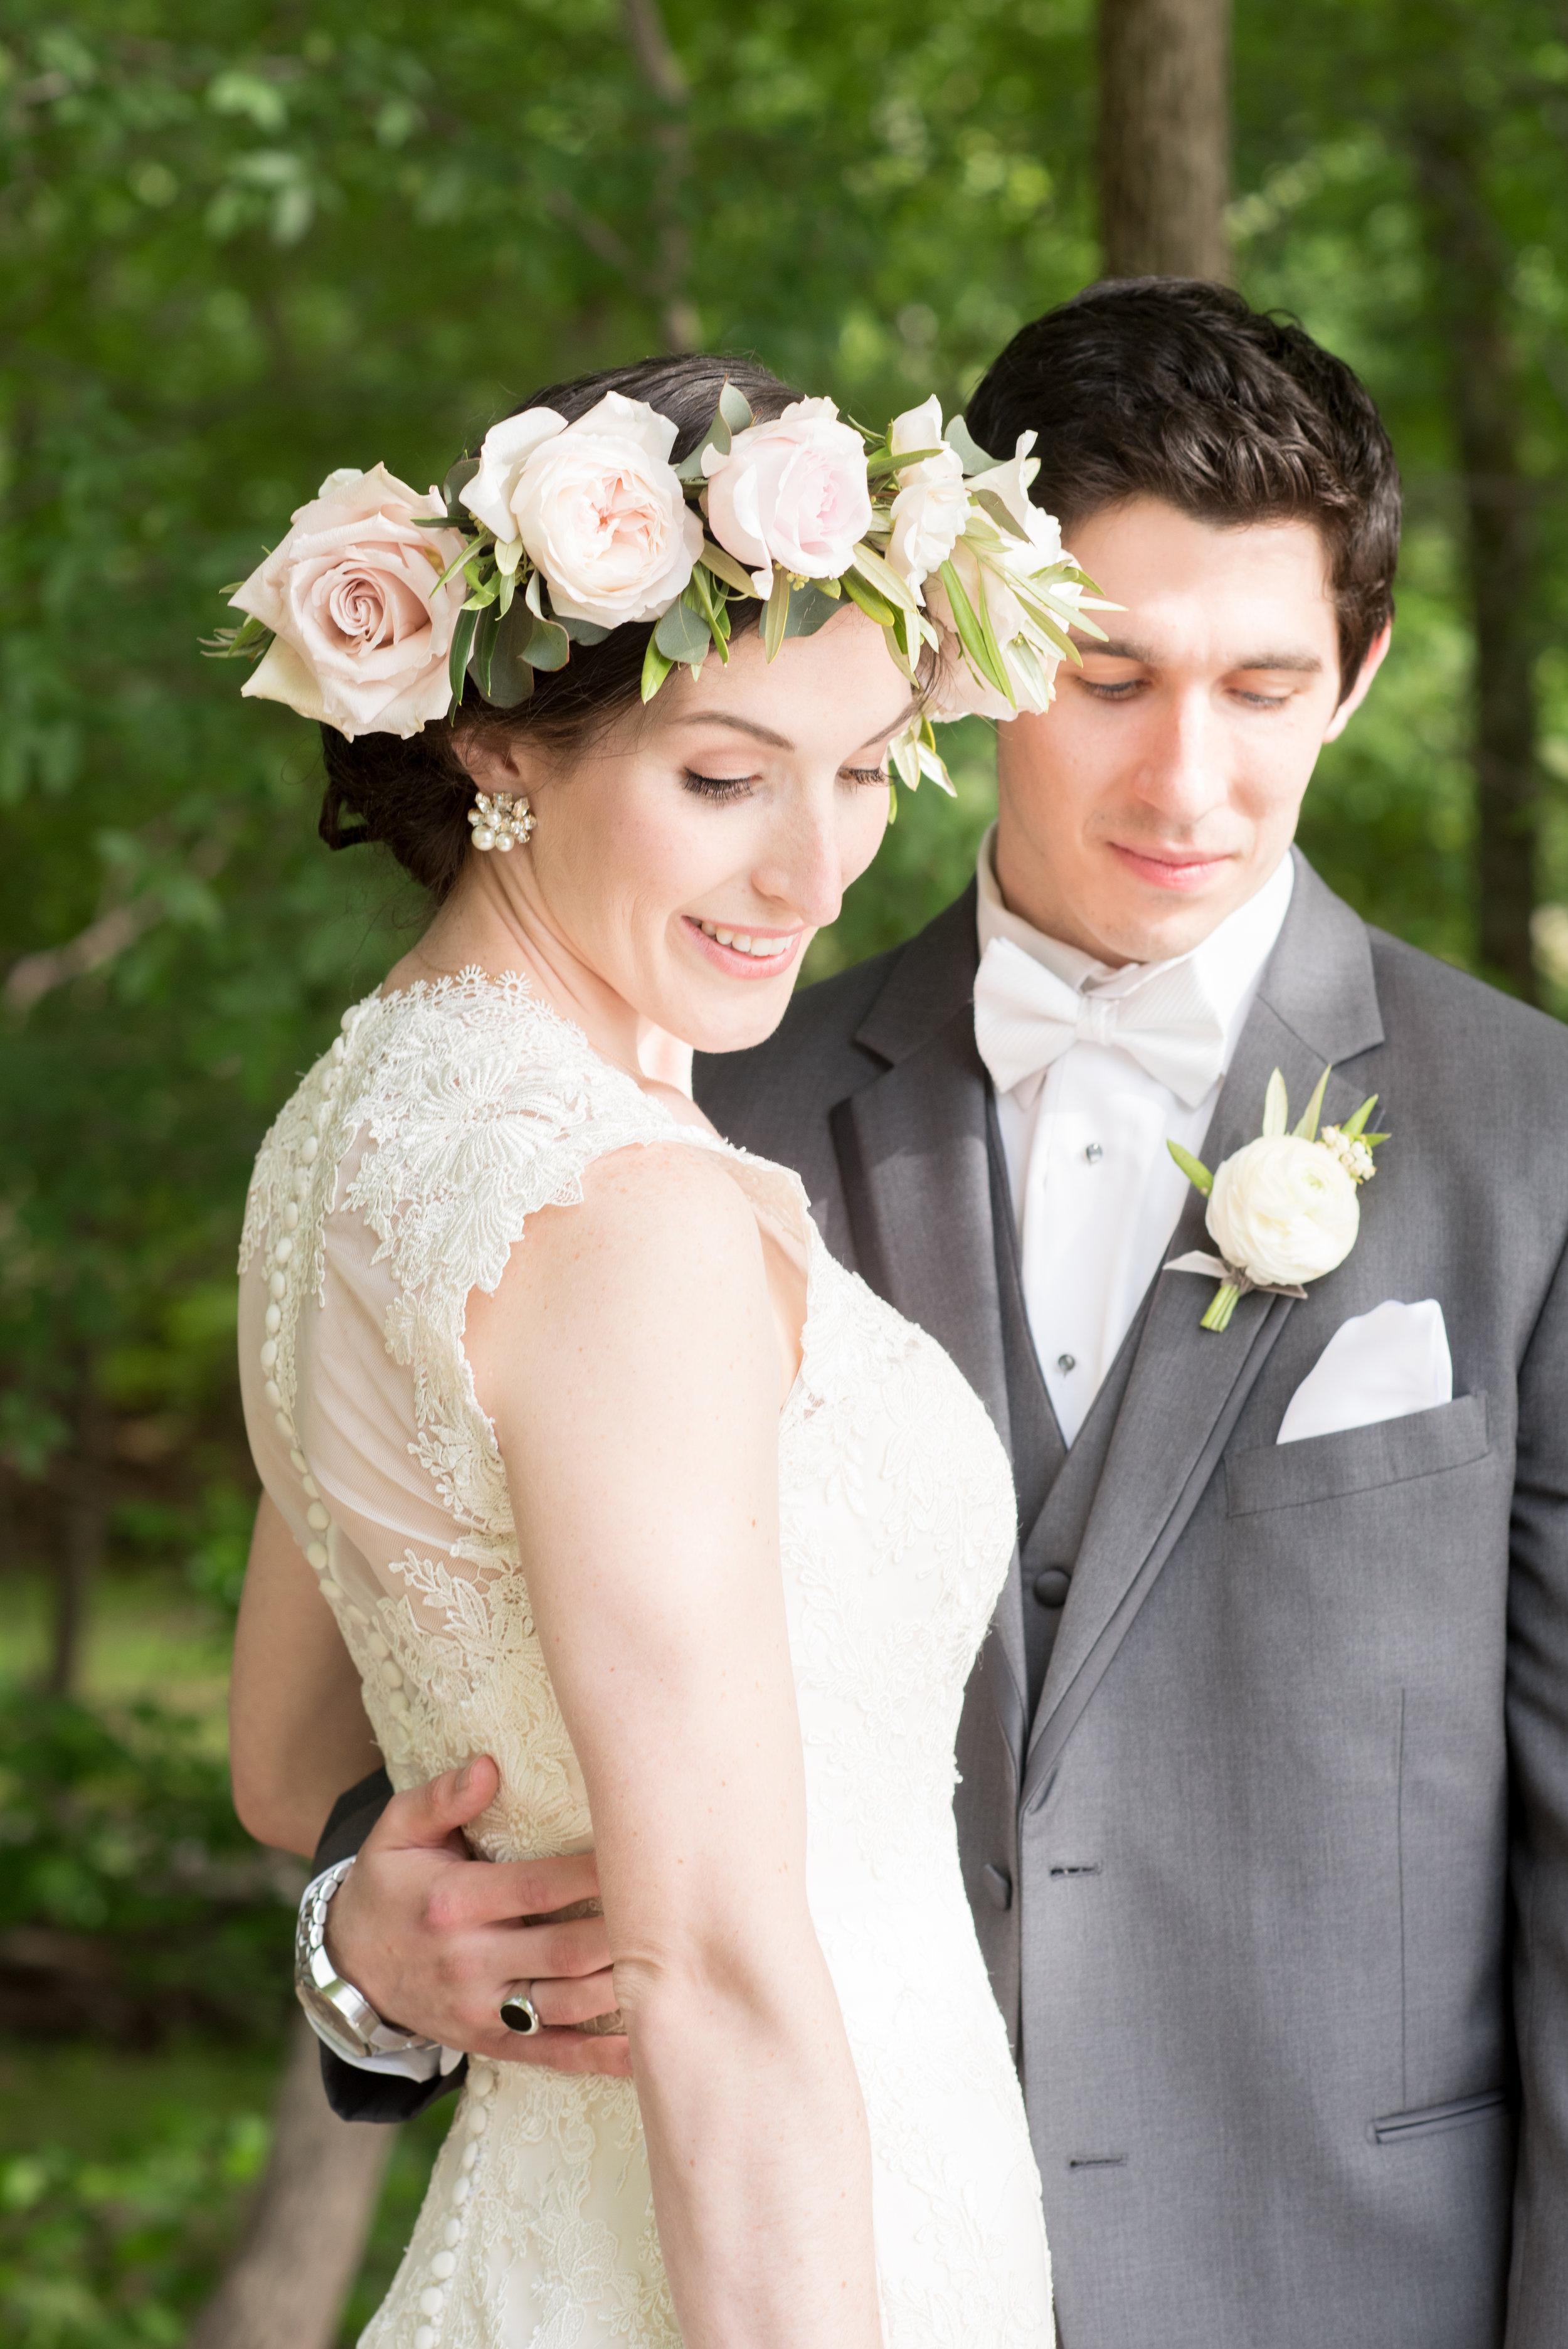 mikkelpaige-annie_vince-bride_groom-077.jpg